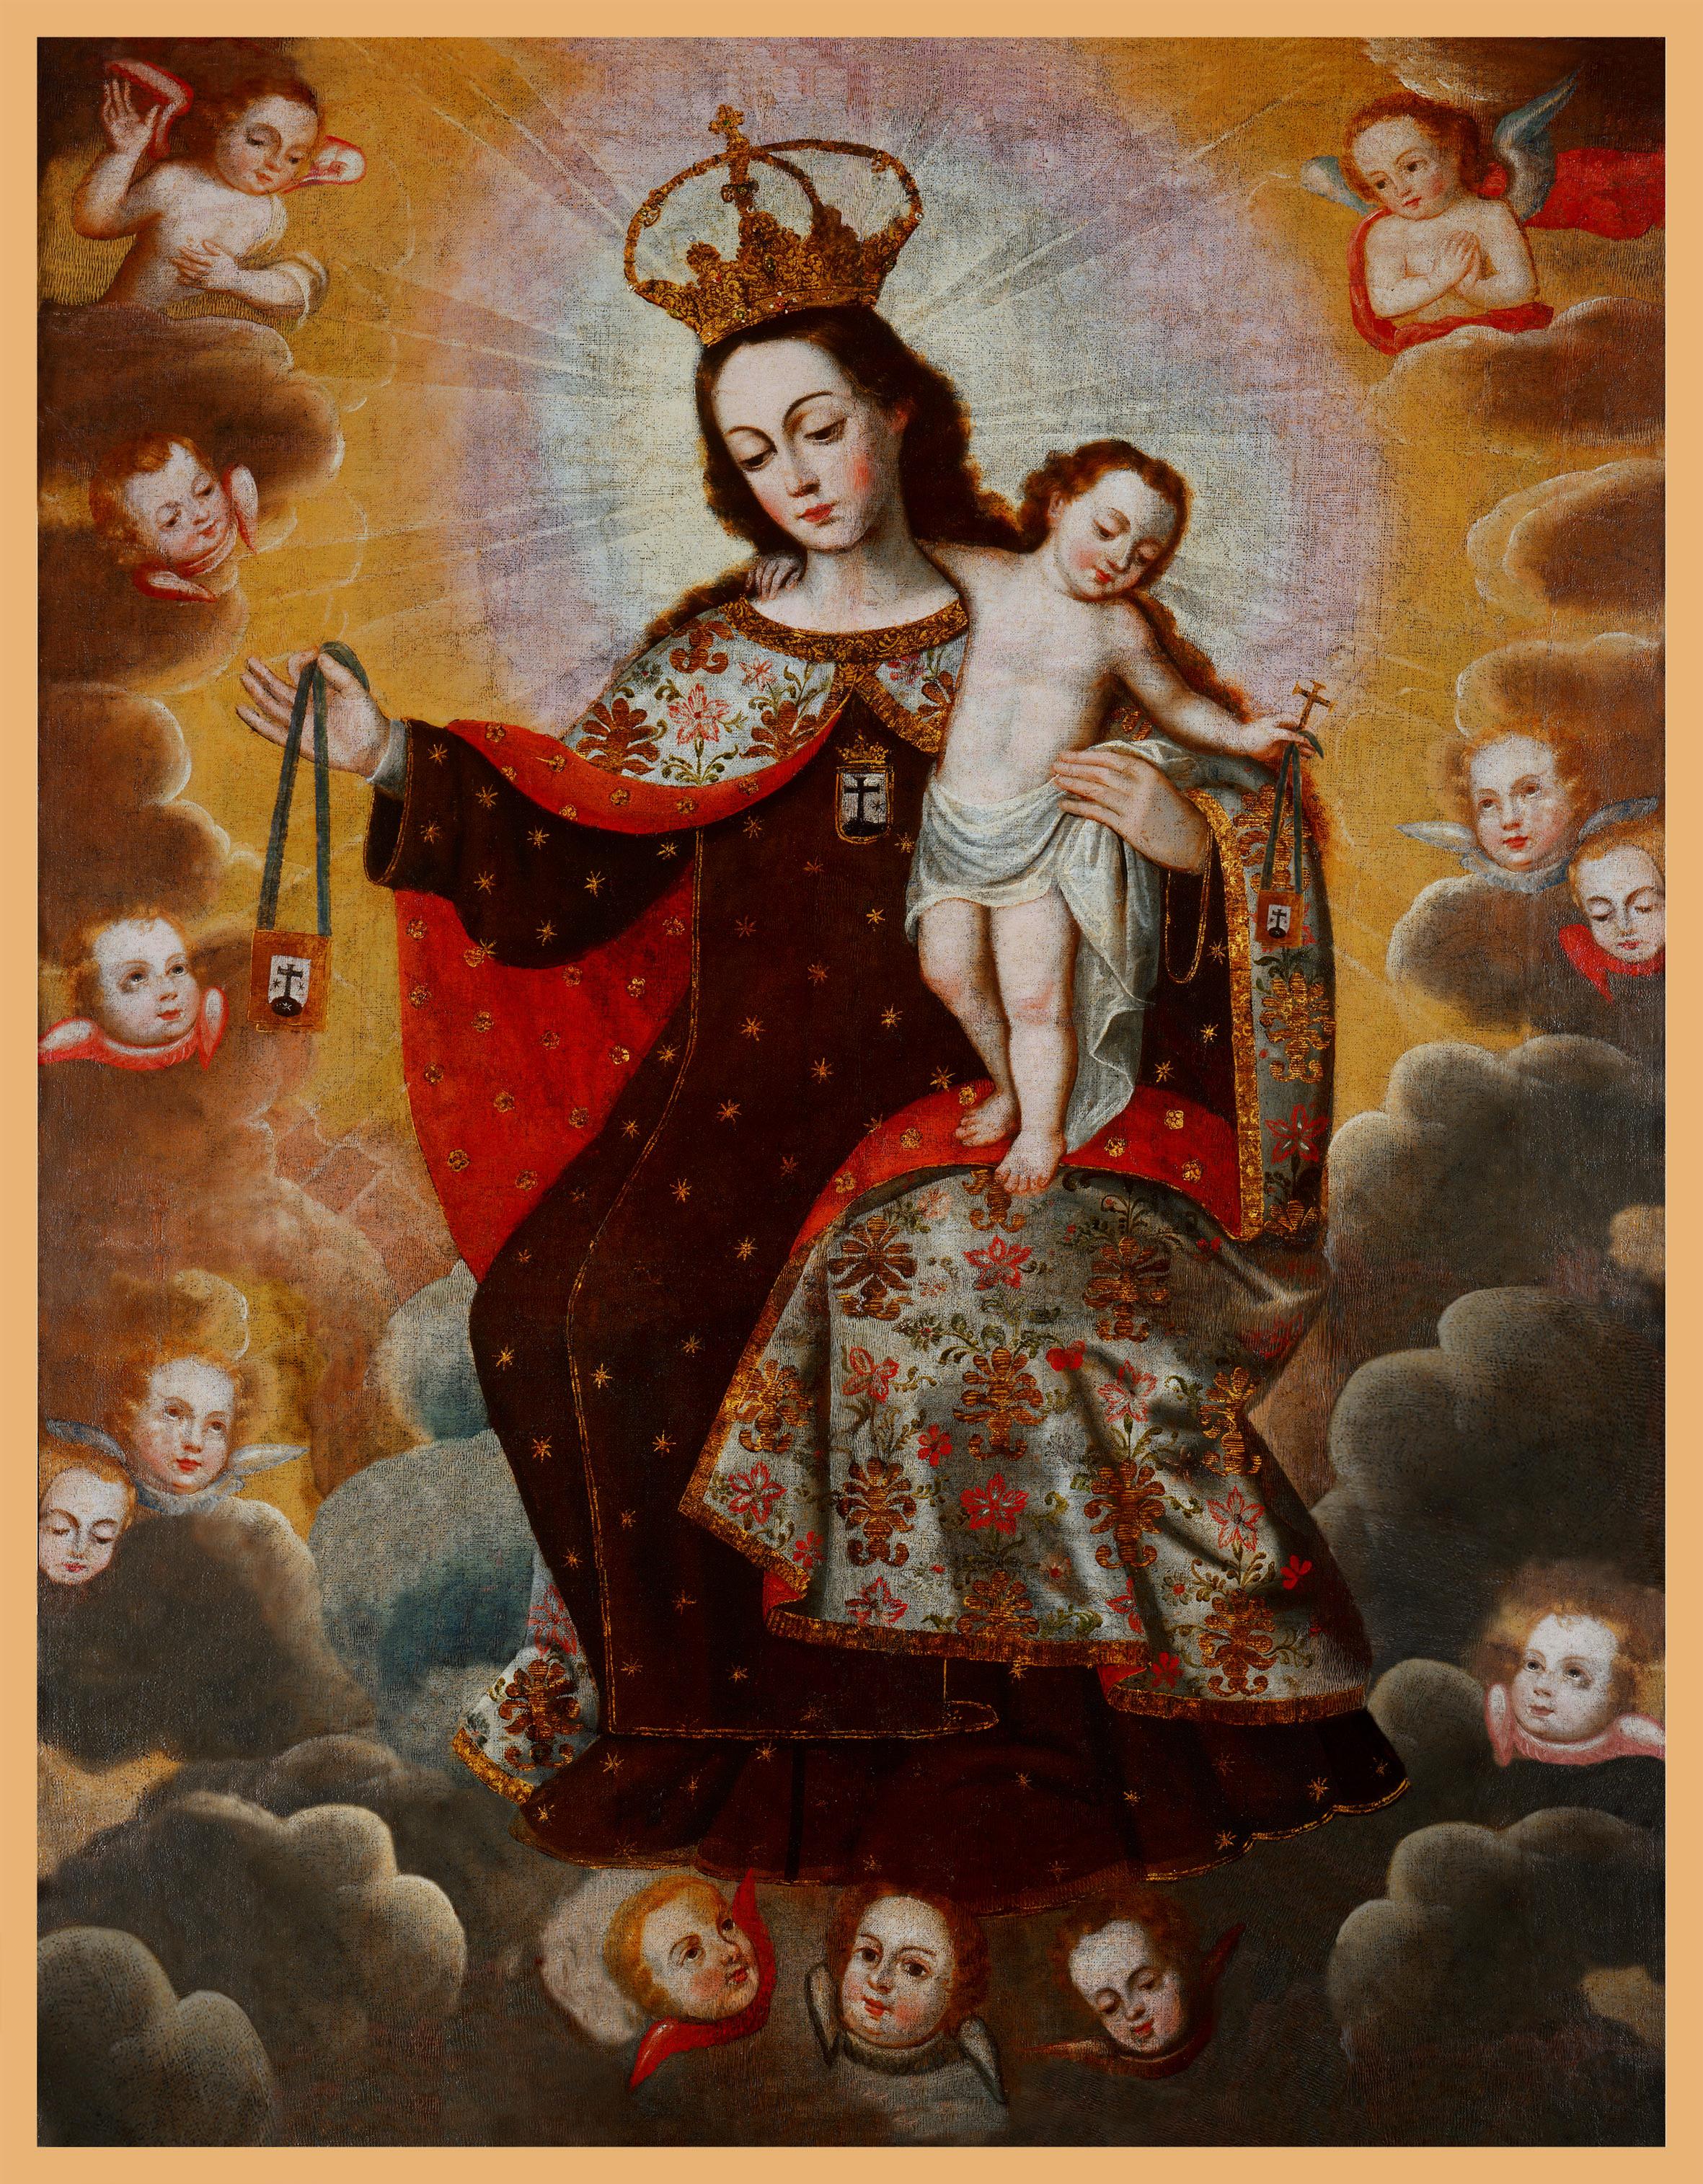 File:Virgen del Carmen Cuzqueña.jpg - Wikimedia Commons